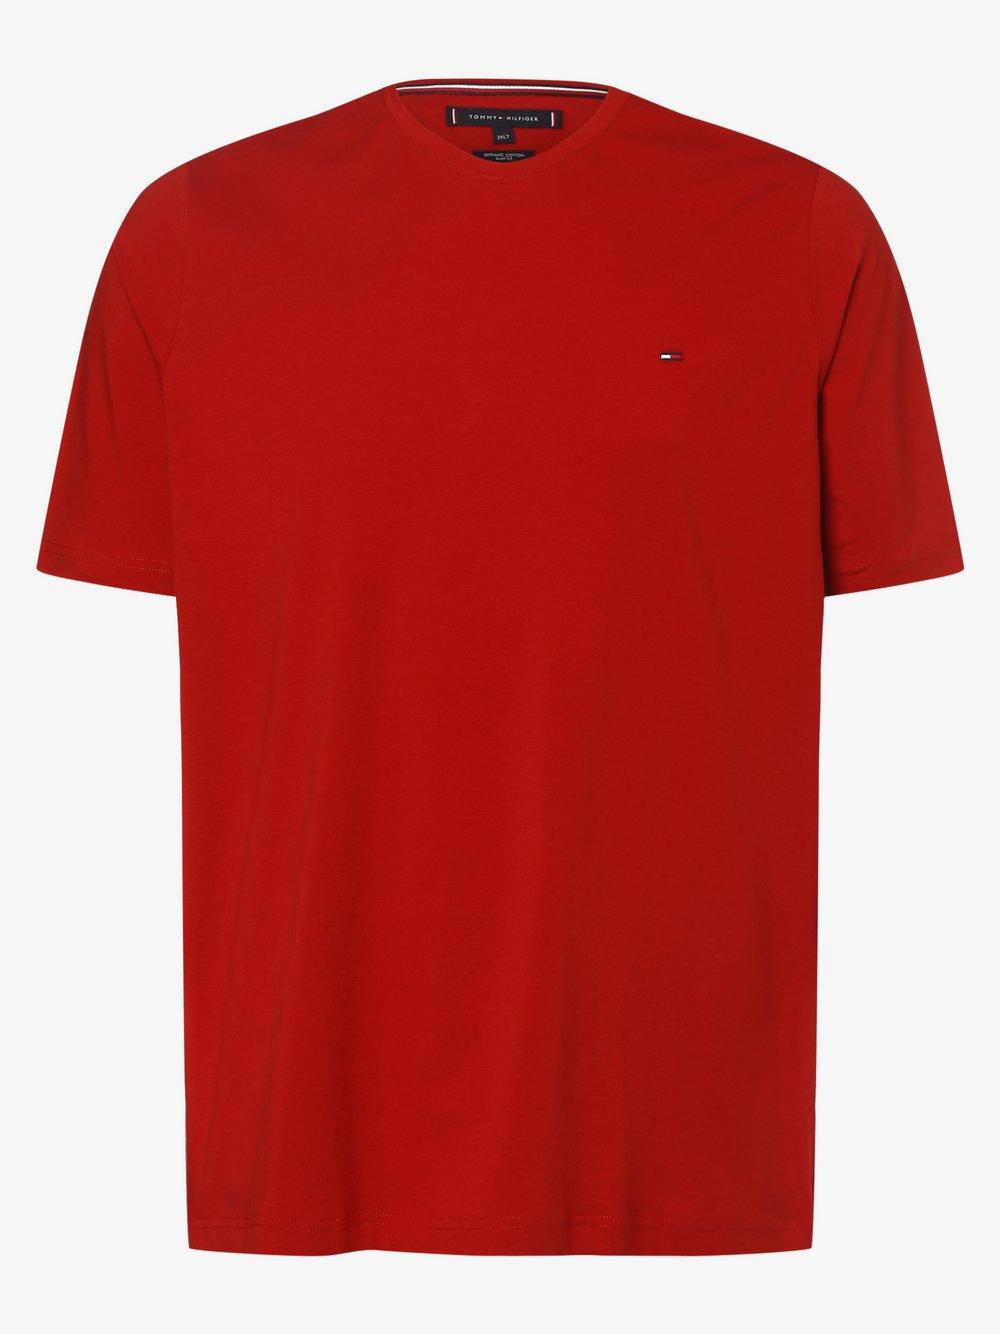 Tommy Hilfiger - T-shirt męski – Big & Tall, czerwony